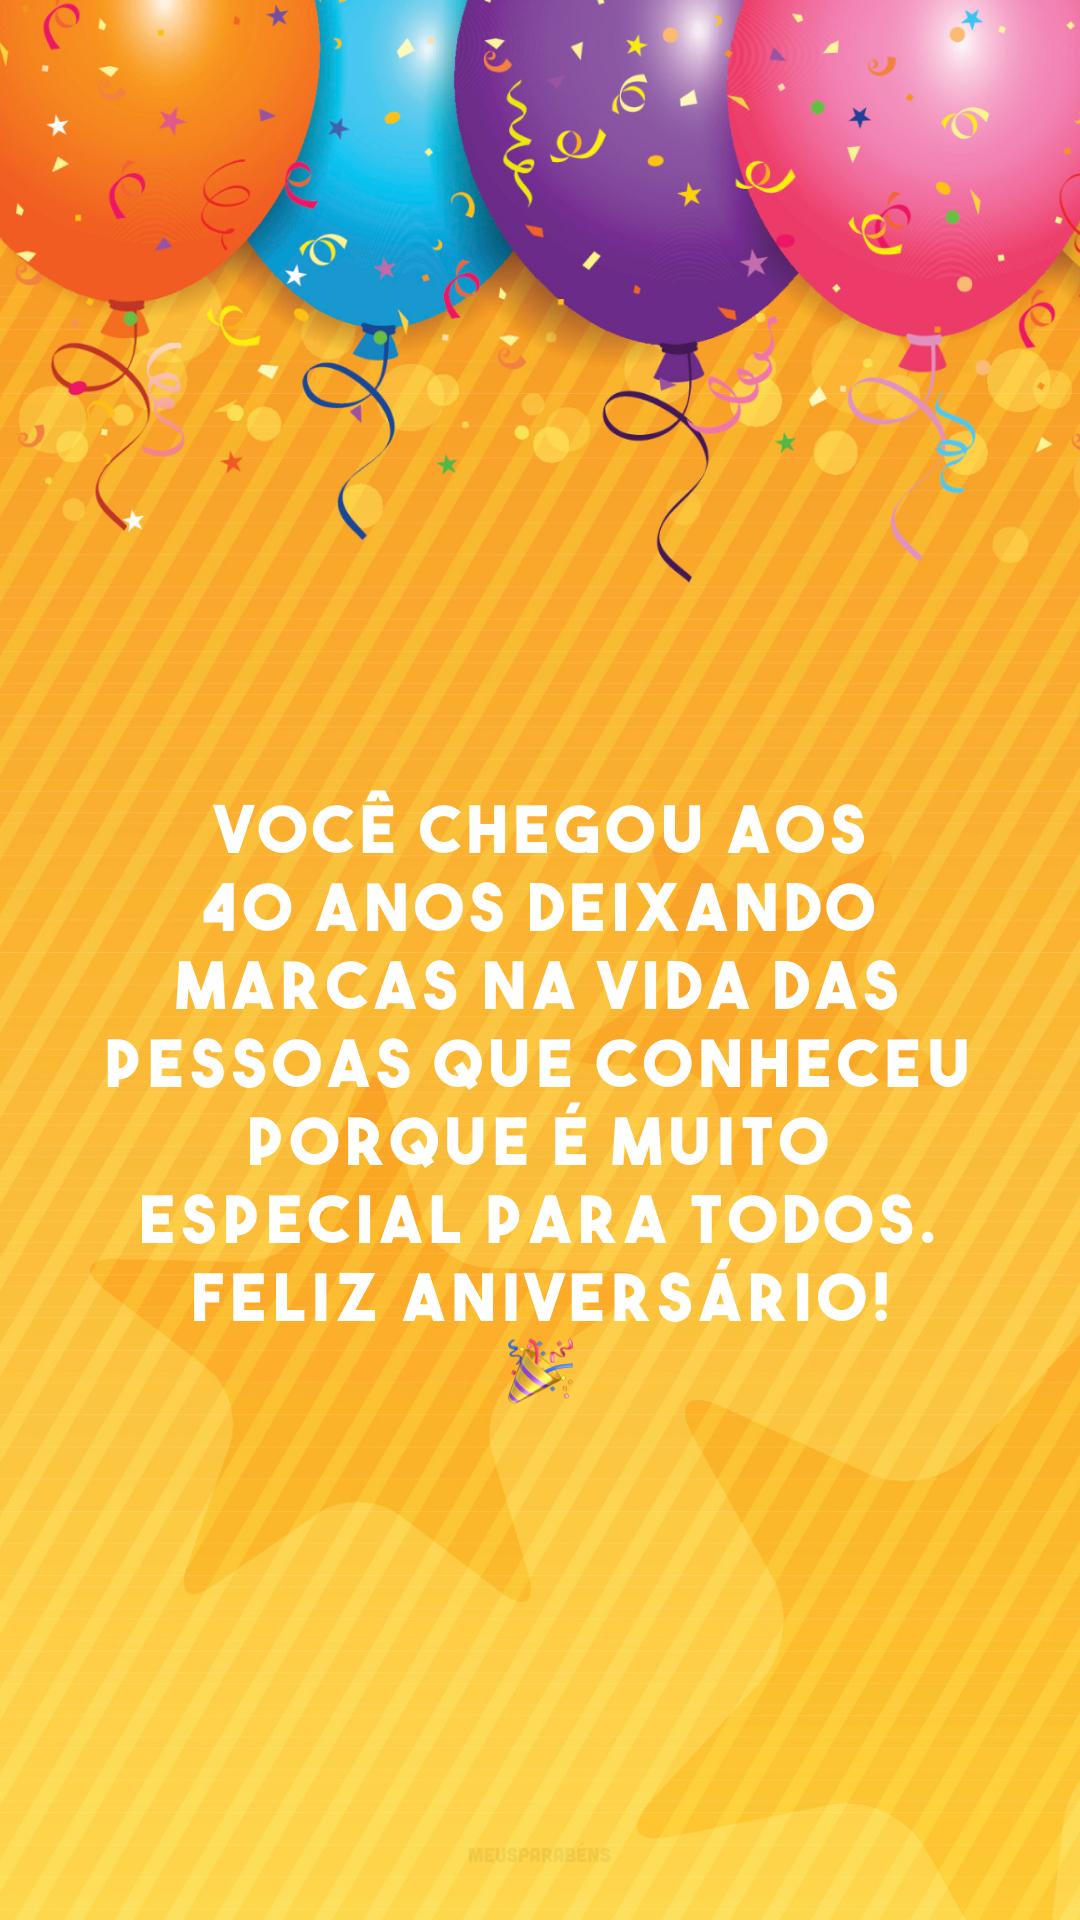 Você chegou aos 40 anos deixando marcas na vida das pessoas que conheceu porque é muito especial para todos. Feliz aniversário! 🎉